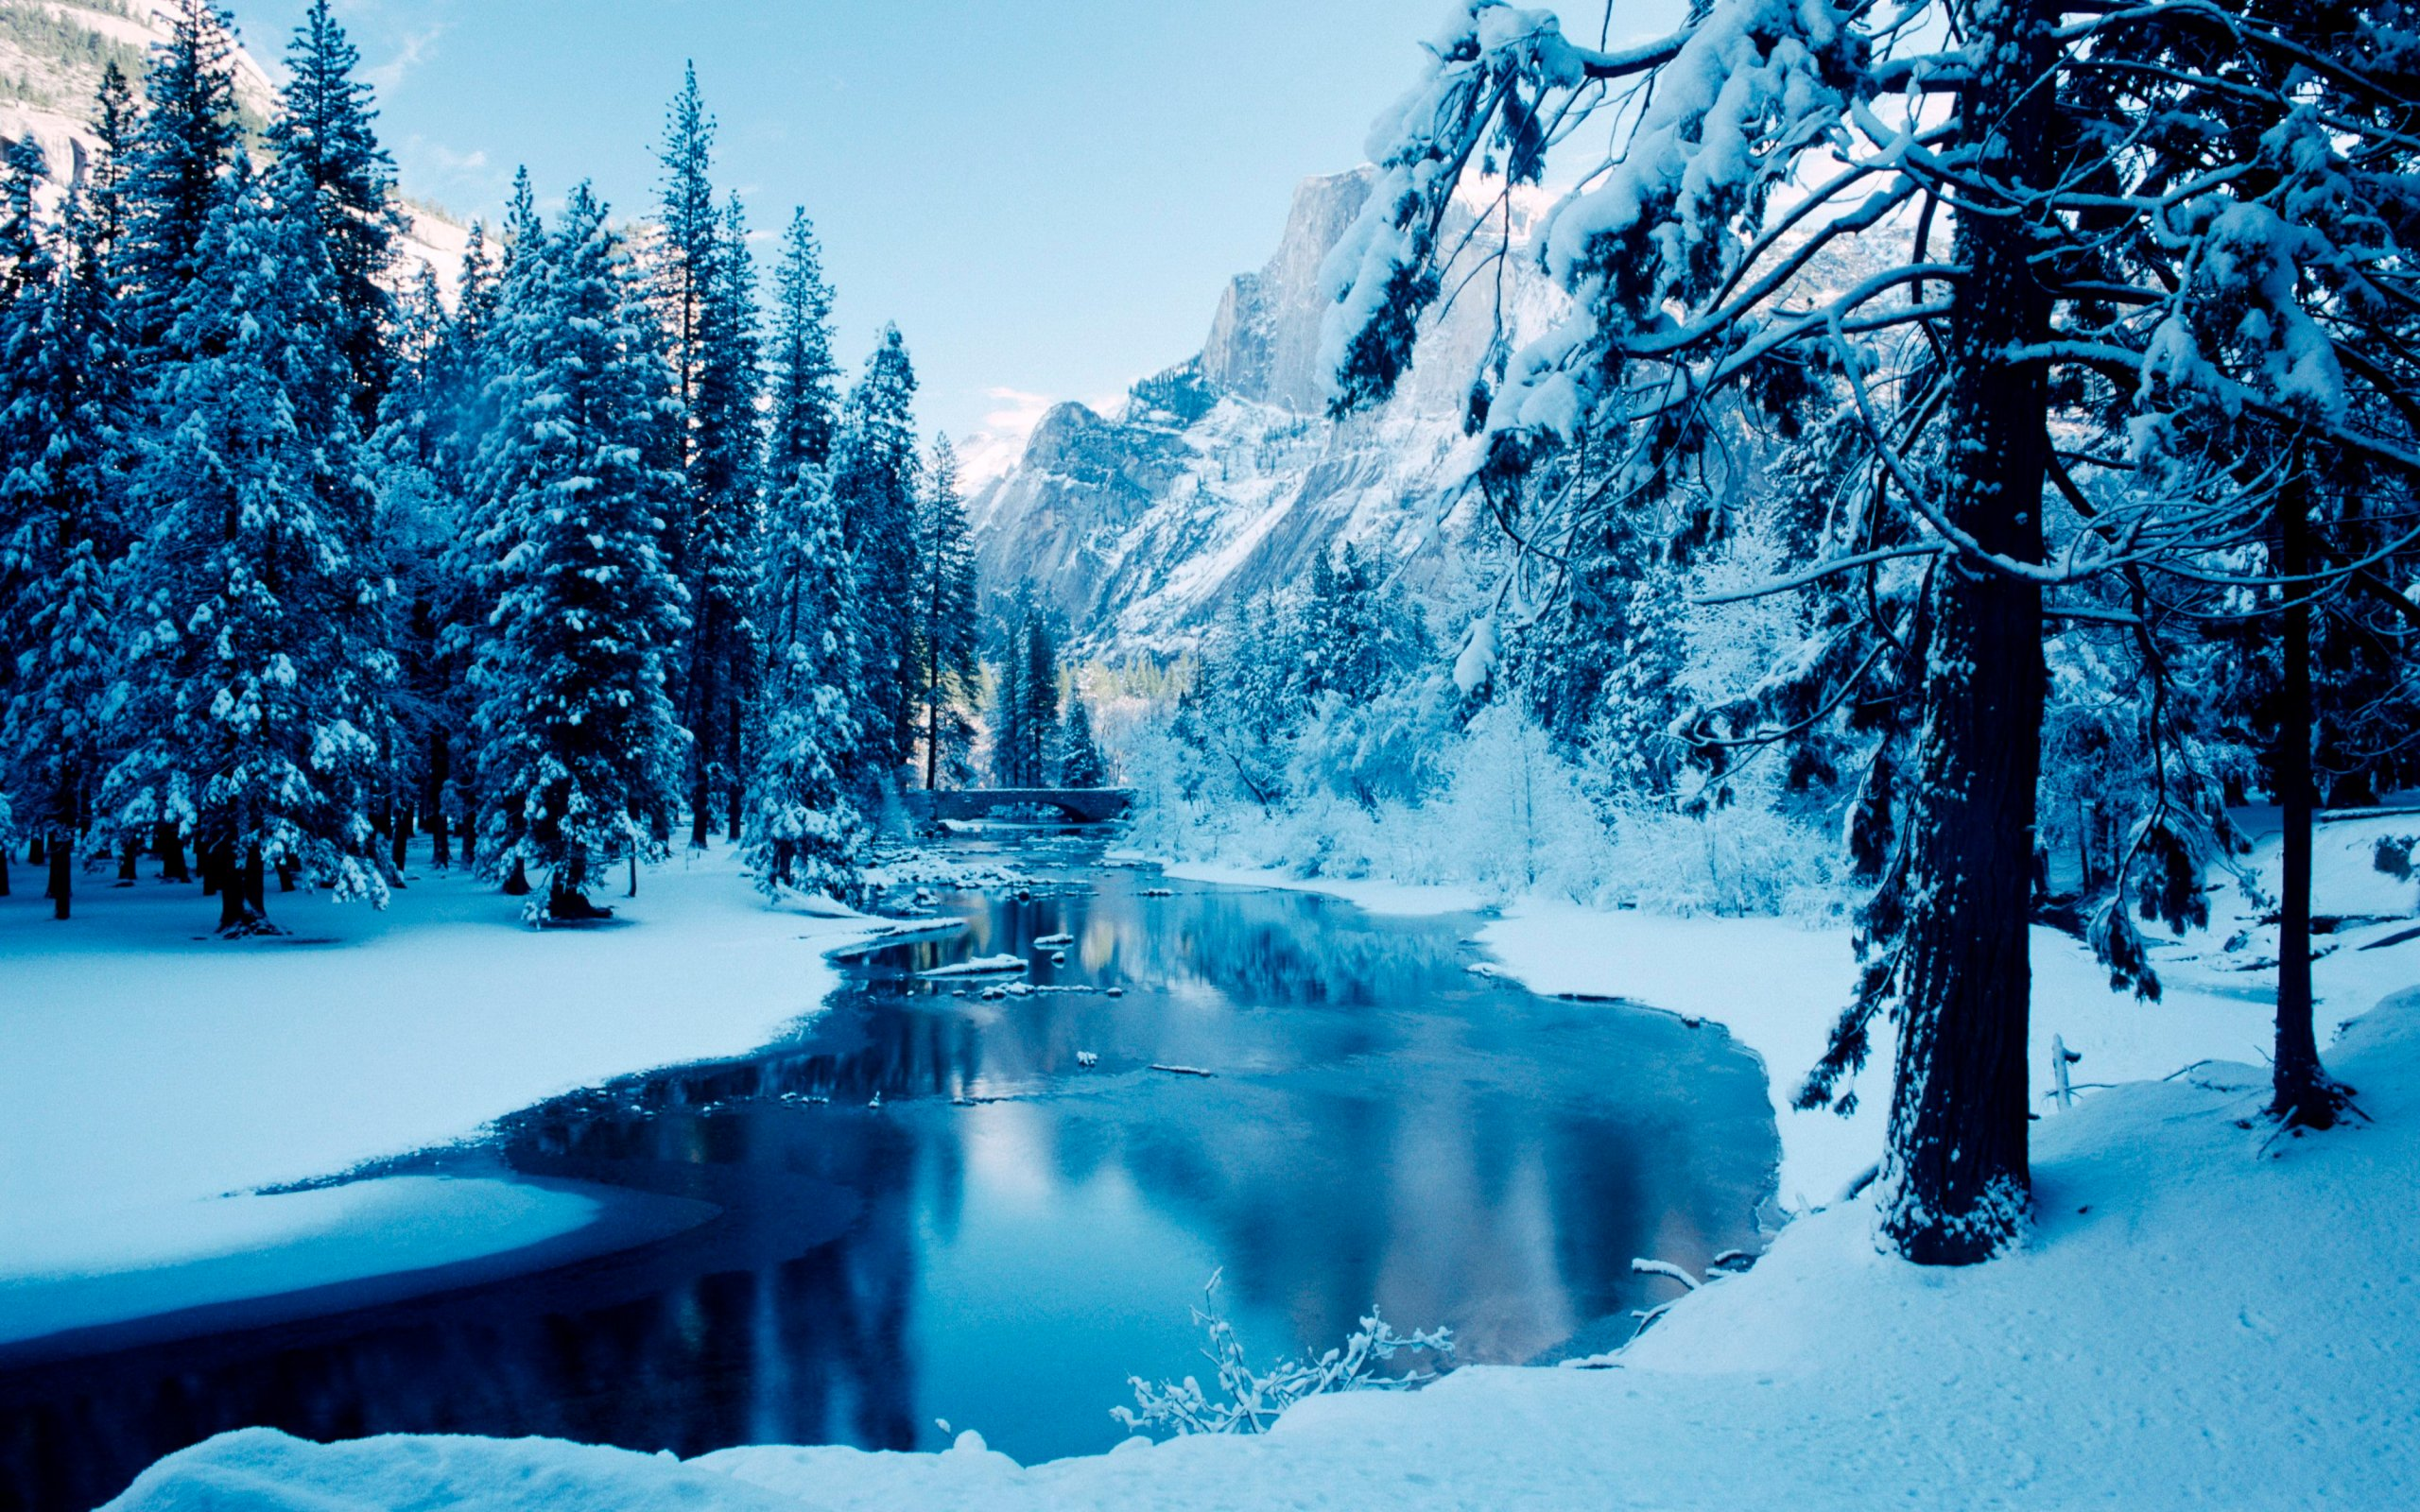 Winter Wallpaper Widescreen wallpaper Winter Wallpaper Widescreen hd 2560x1600